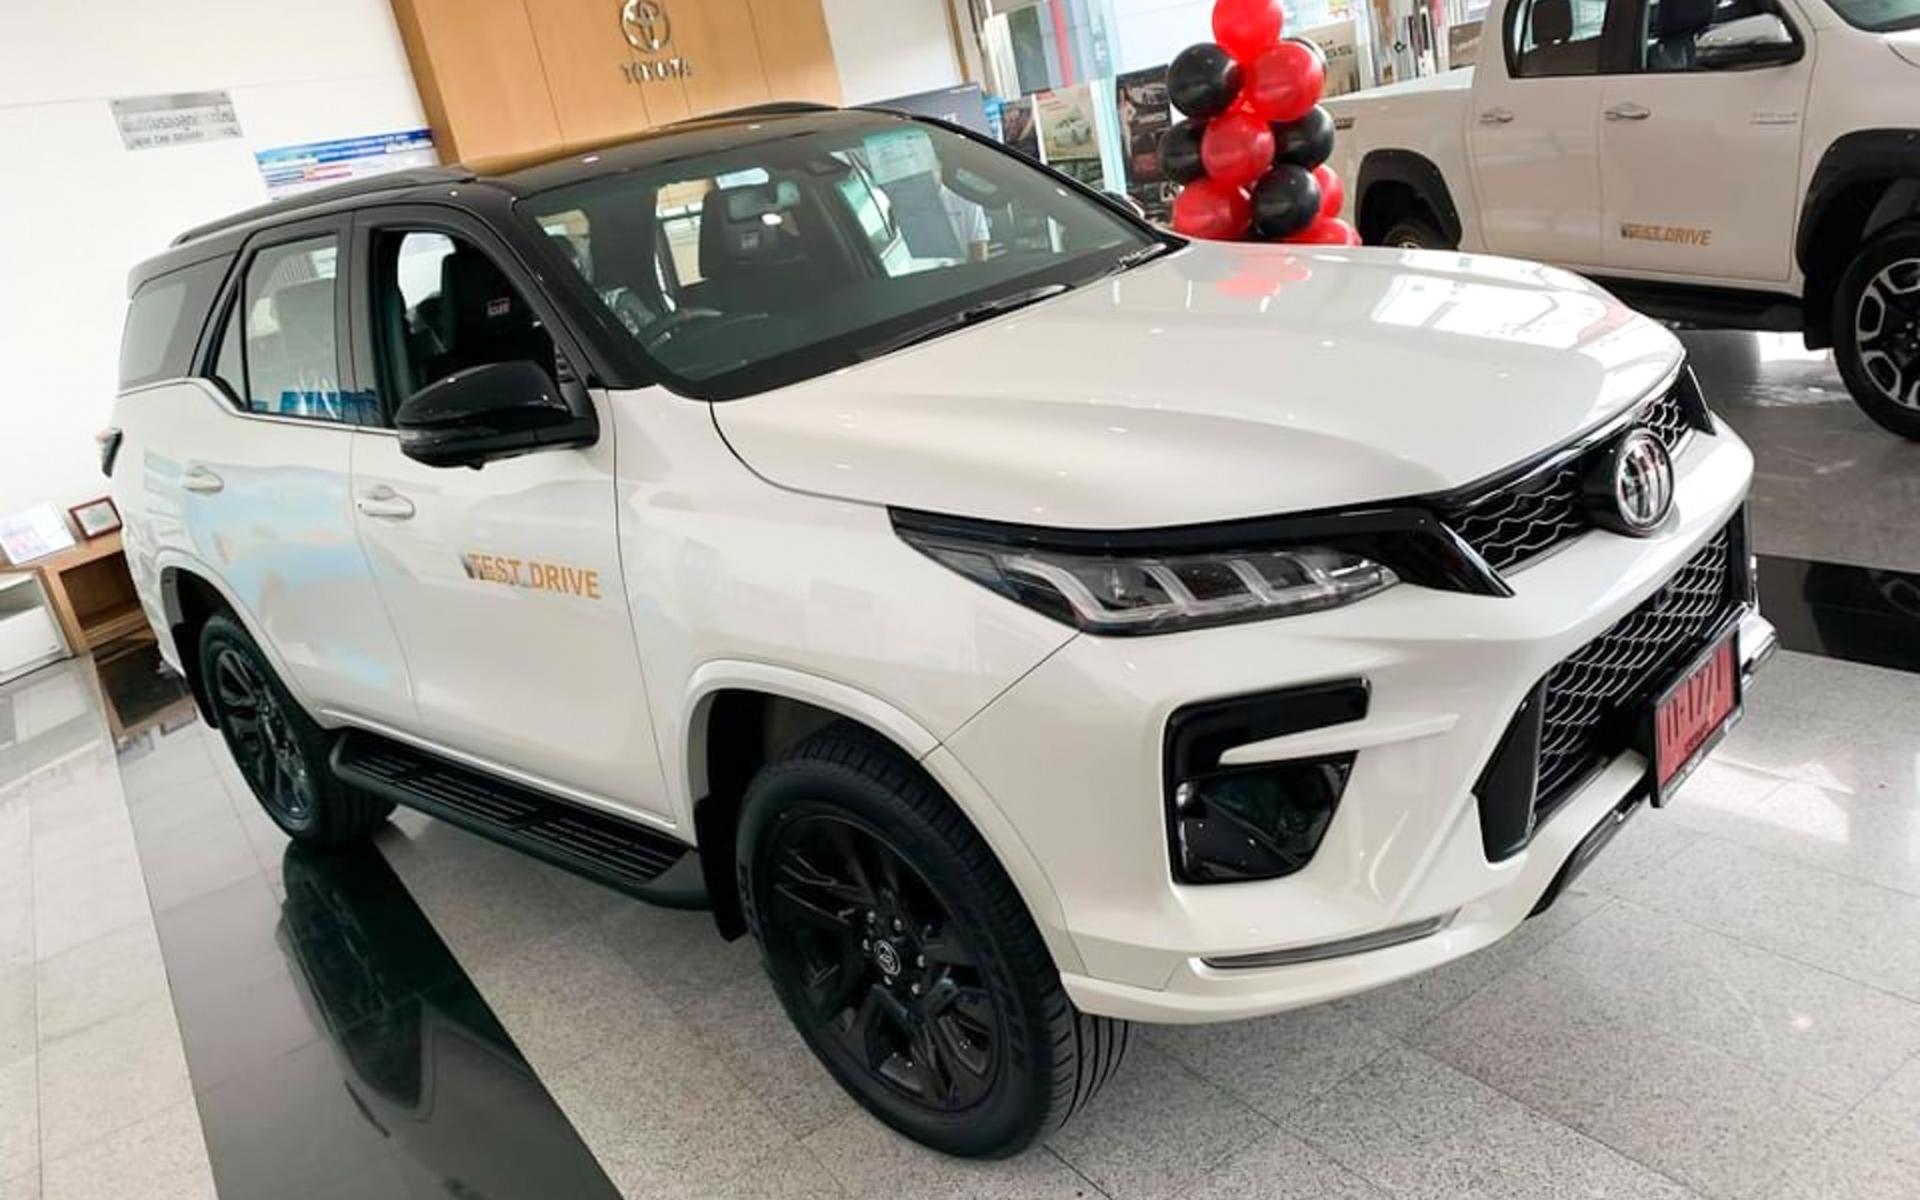 Xem trước Toyota Fortuner GR Sport 2022 giá 1.3 tỷ tại đại lý Thái Lan, sắp có mặt tại Việt Nam 2